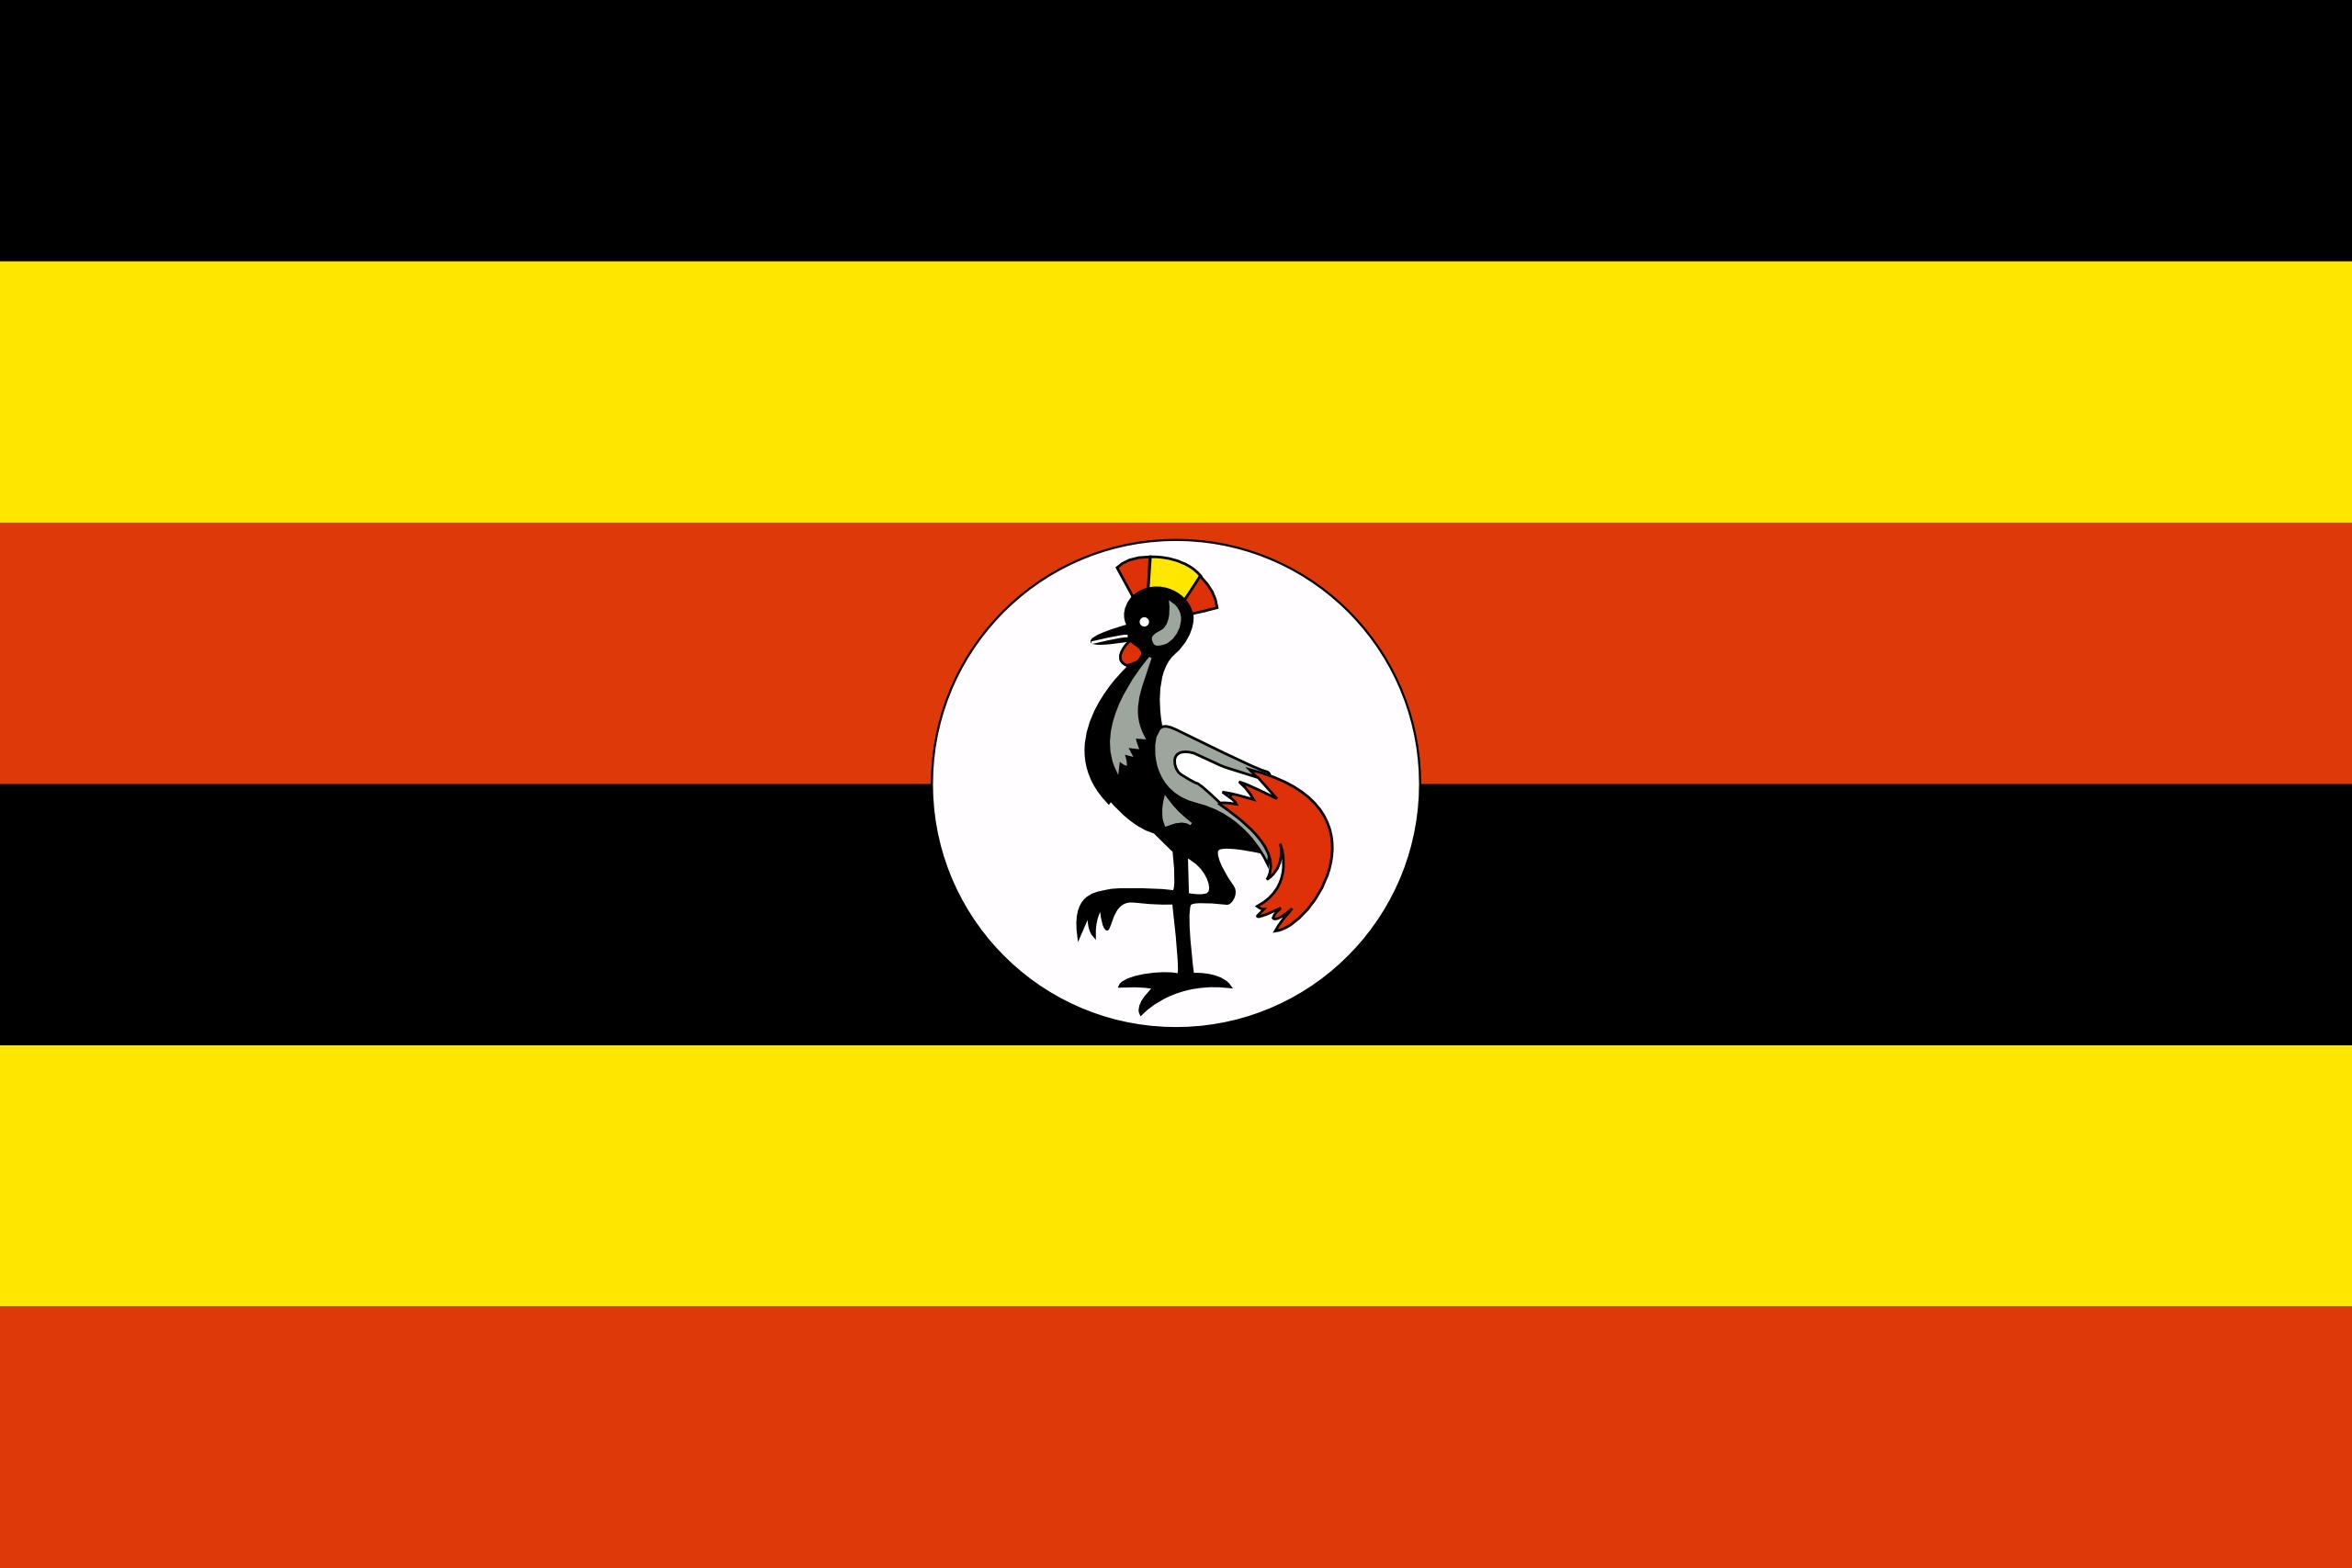 uganda, país, emblema, insignia, σύμβολο - Wallpapers HD - Professor-falken.com